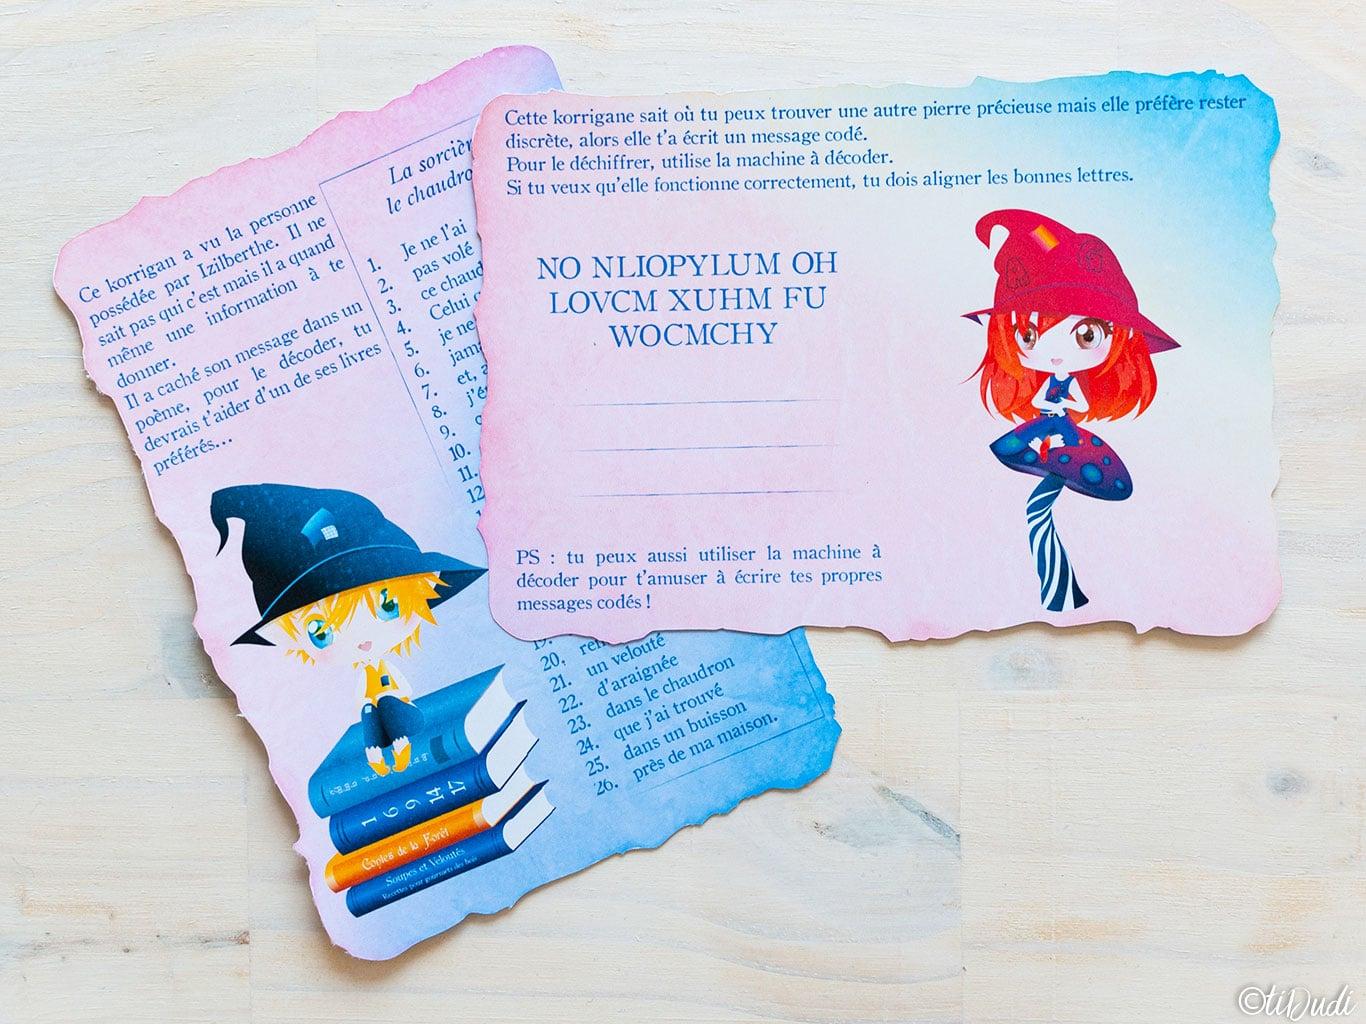 Kit d'escape game pour enfants imprimé sur papier recyclé. tiDudi